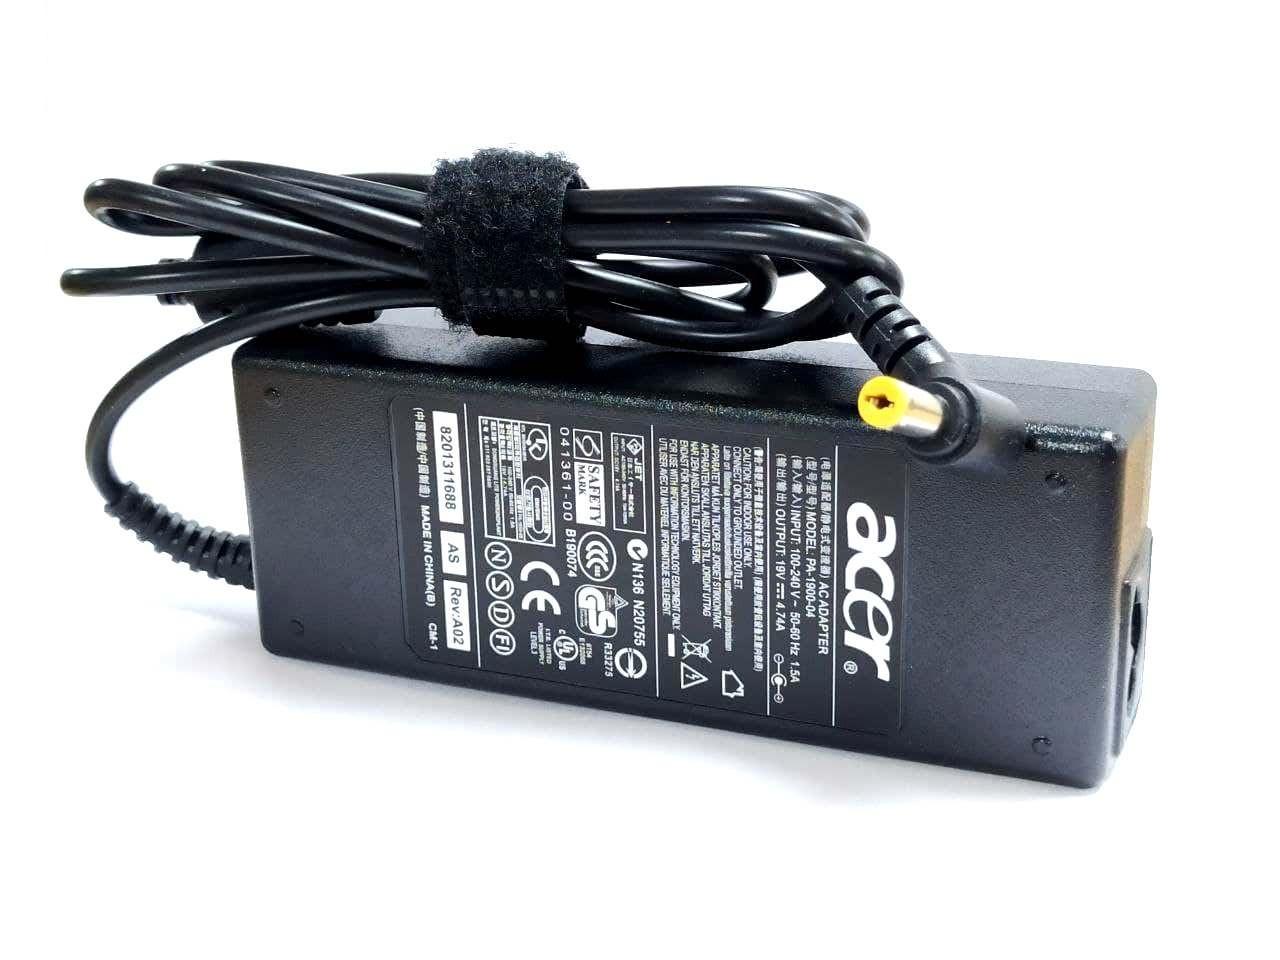 Блок питания для ноутбука Acer Aspire 7250G 19V 4.74A 90W